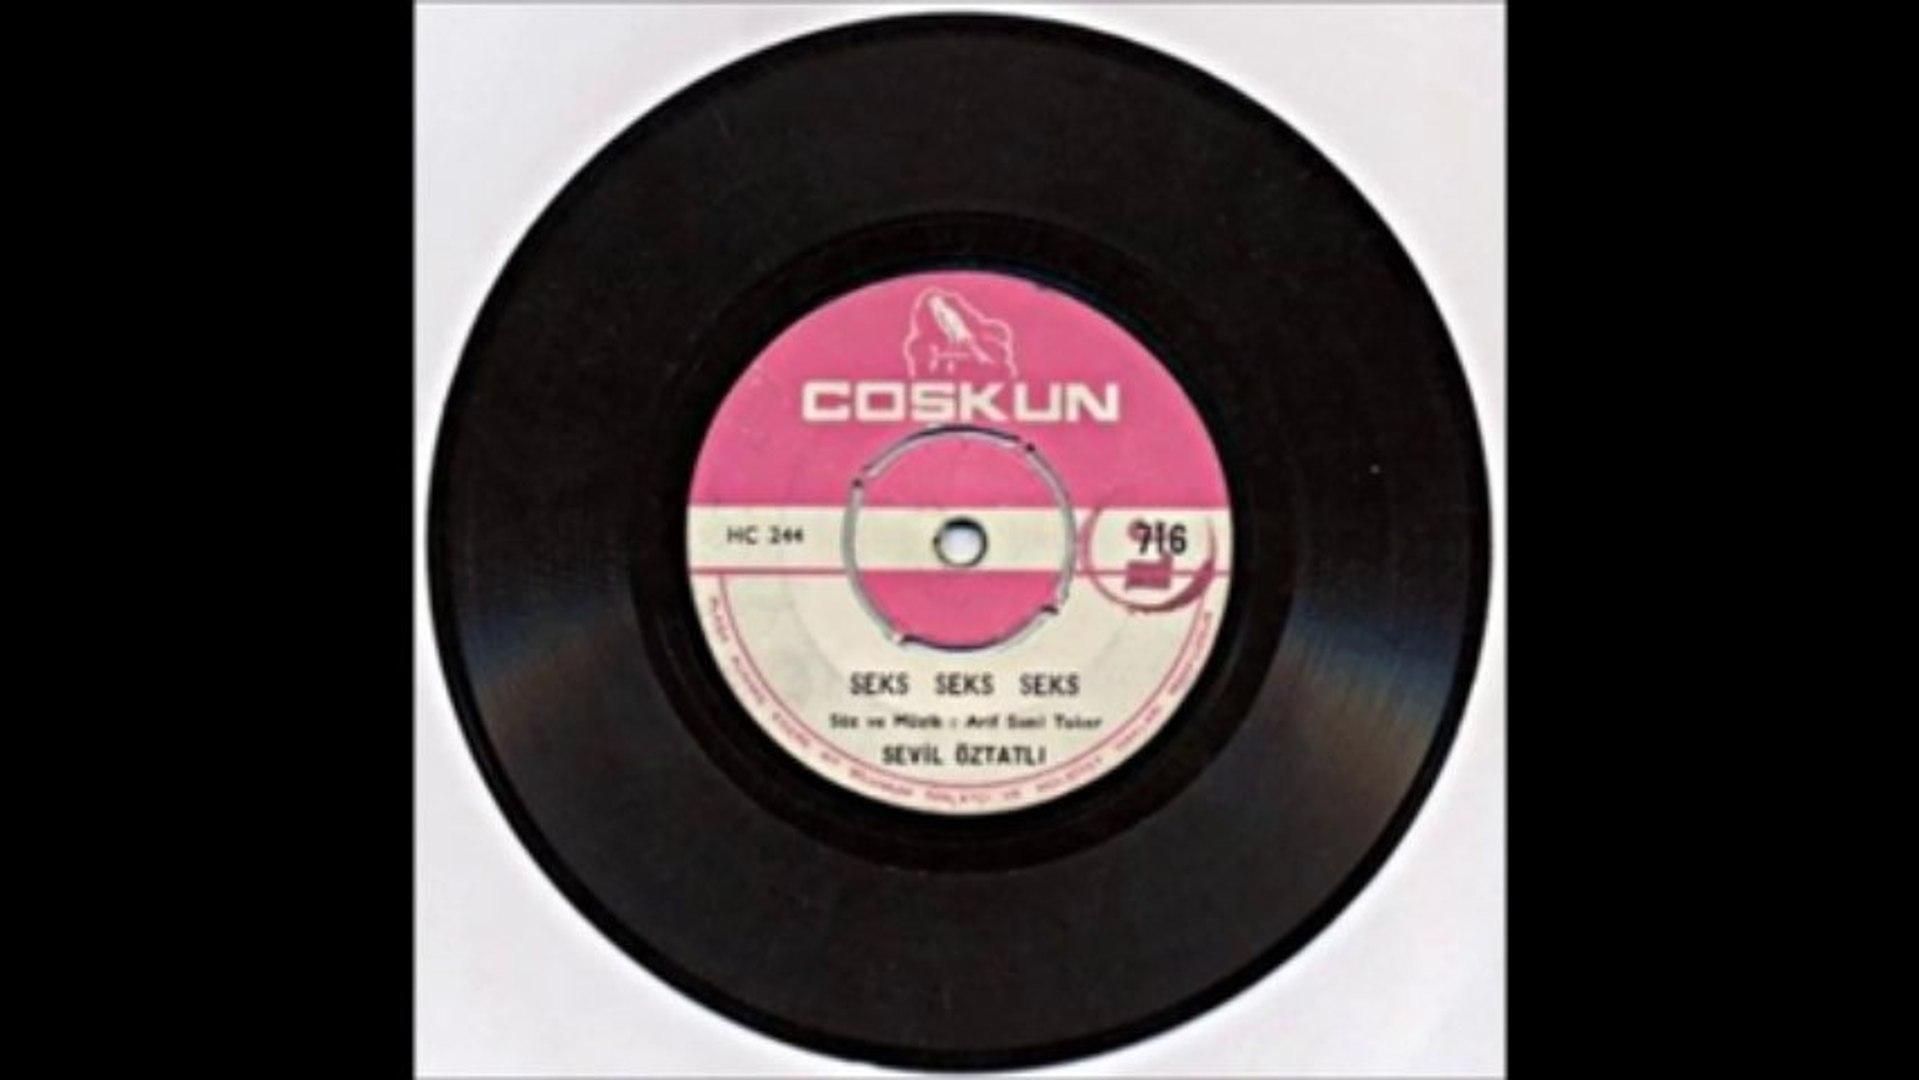 Sevil Öztatlı  Sex Sex Sex (Asuman Şener 2013 Remix)